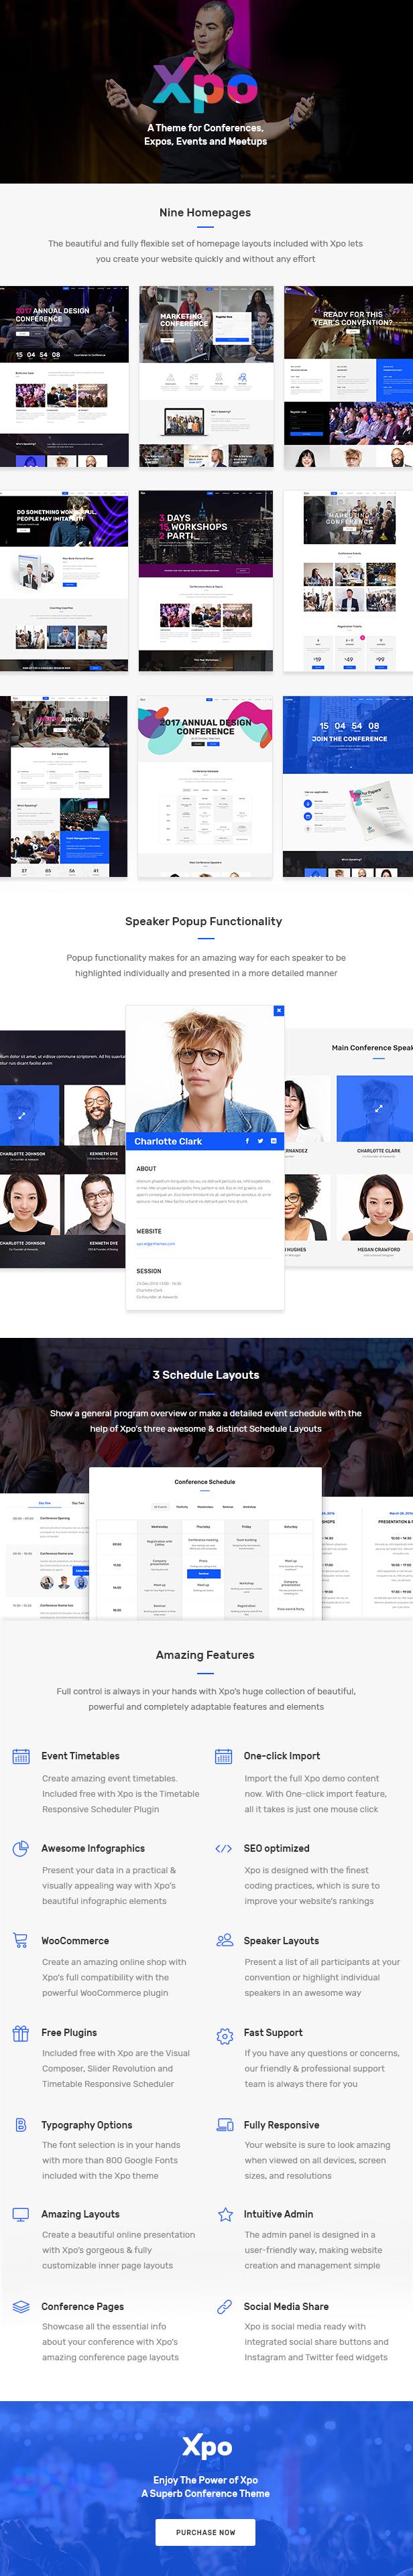 Xpo - Ein Thema für Konferenzen, Messen, Events und Meetups